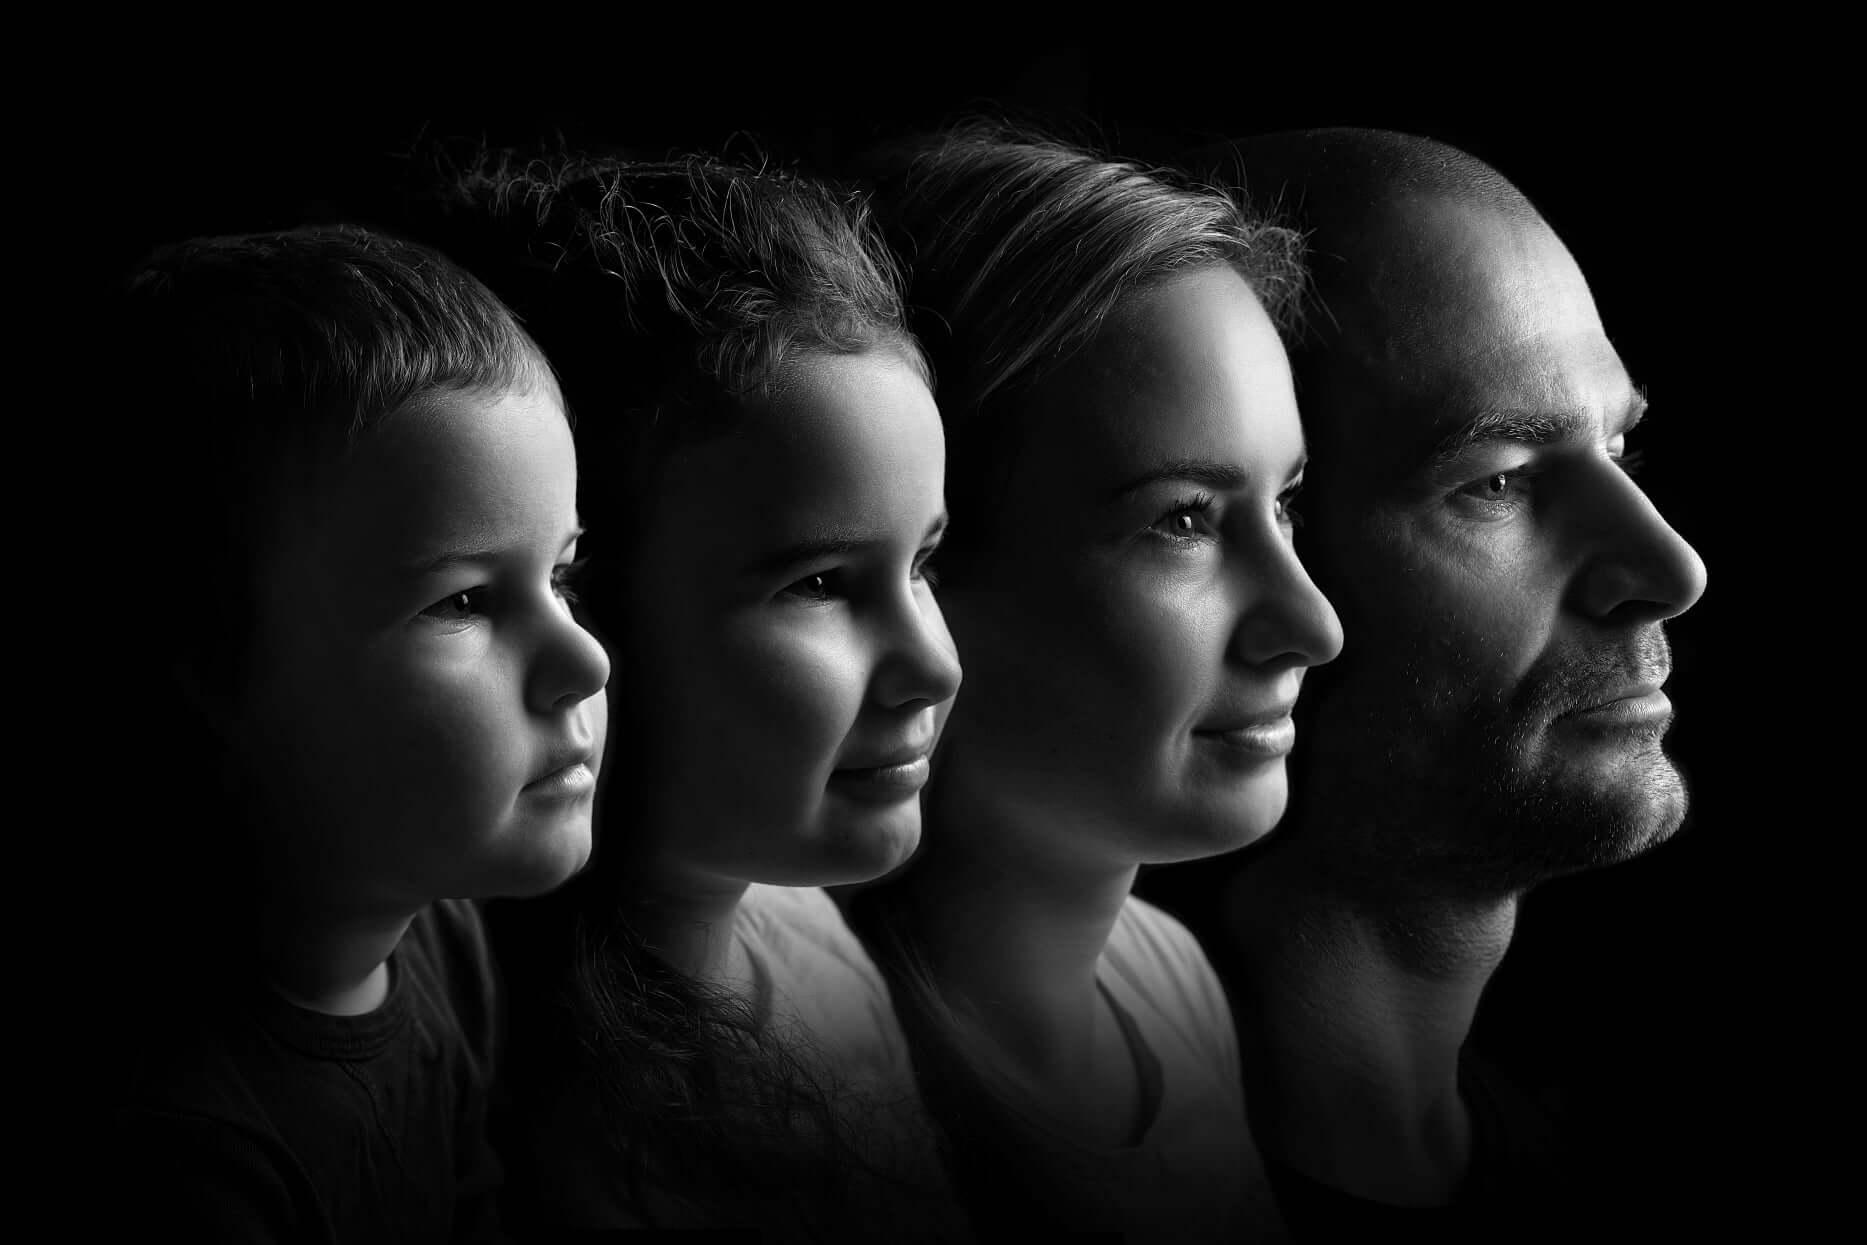 rodinné foto, rodinné focení, fotograf jičín, rodinné focení v Jičíně, rodinné focení Hradec Králové, rodinné focení Liberec